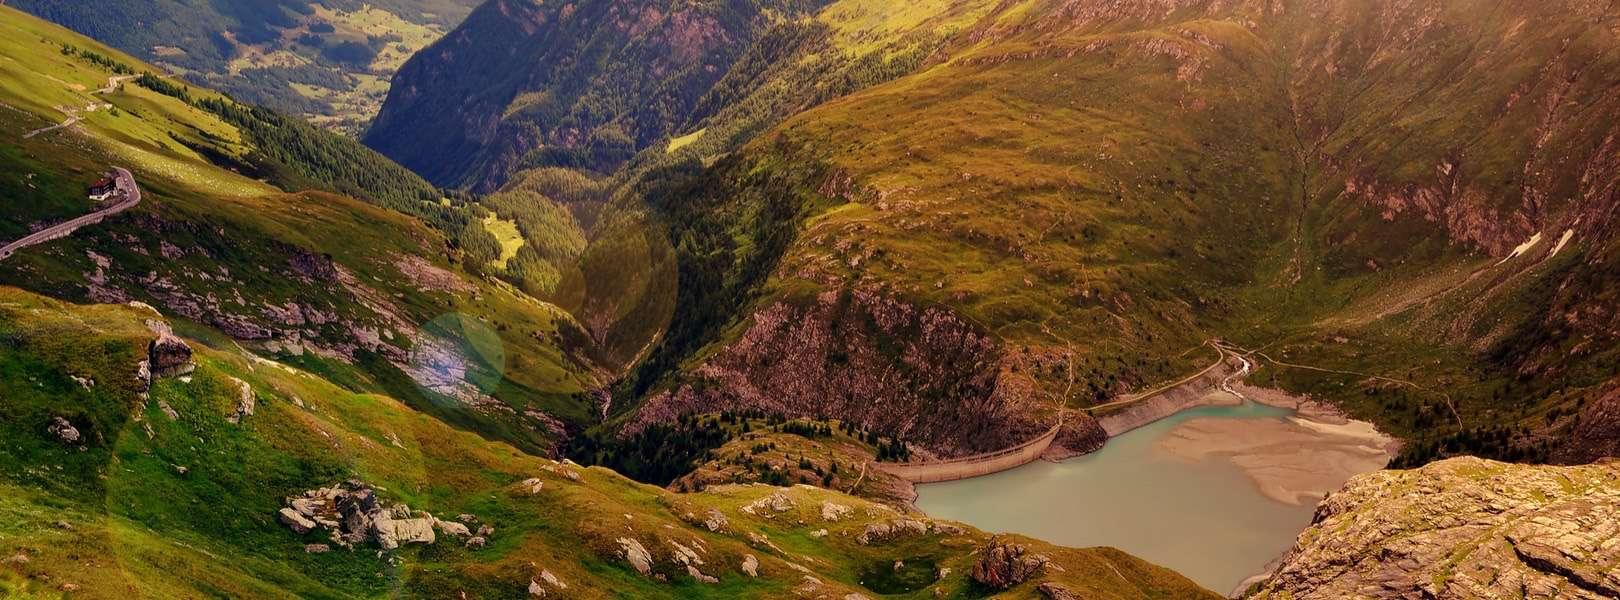 Blick auf den Nationalpark Hohe Tauern in Österreich